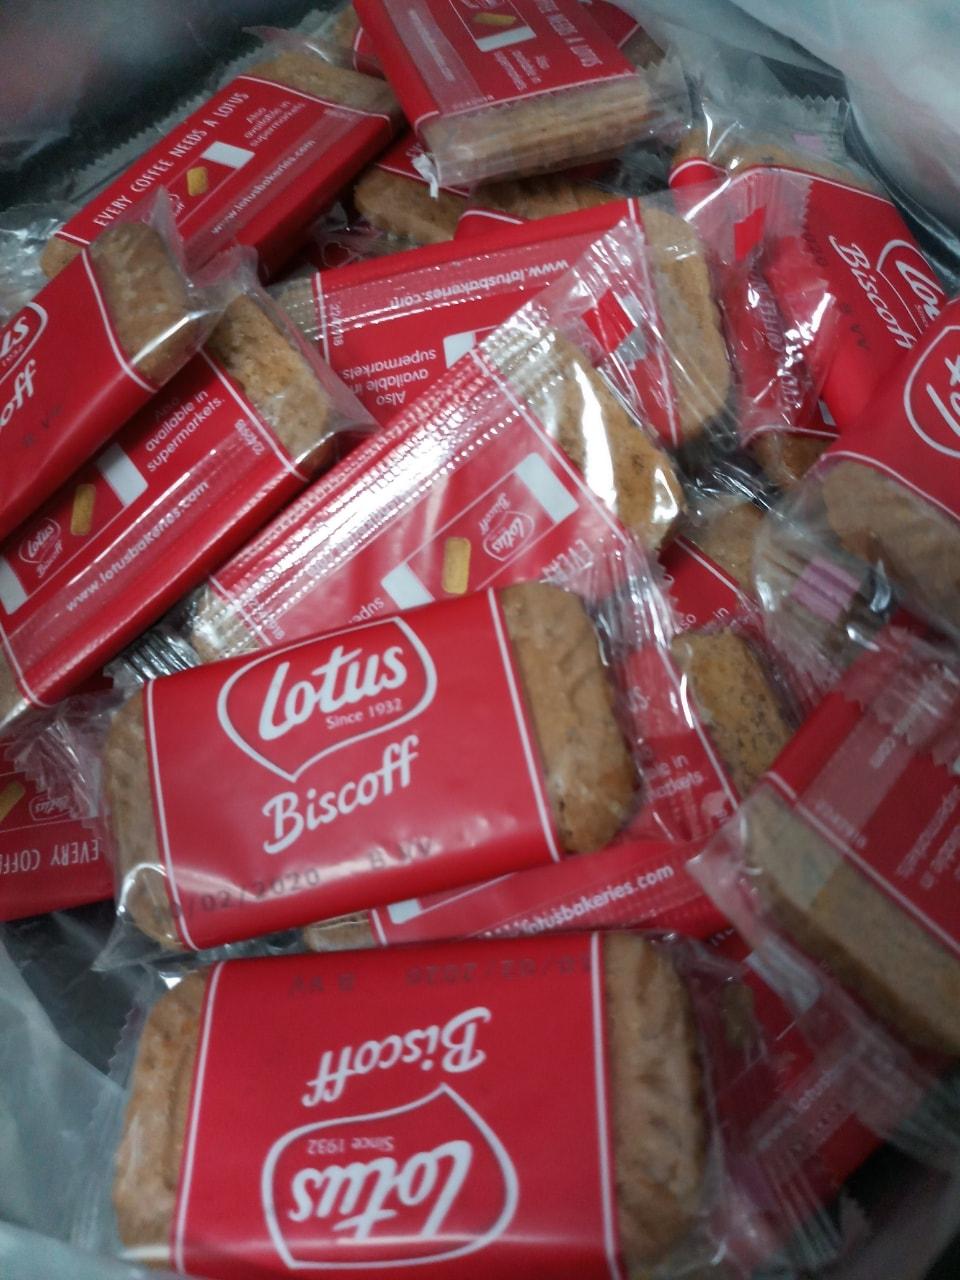 Lotus Biscoff Biscuit